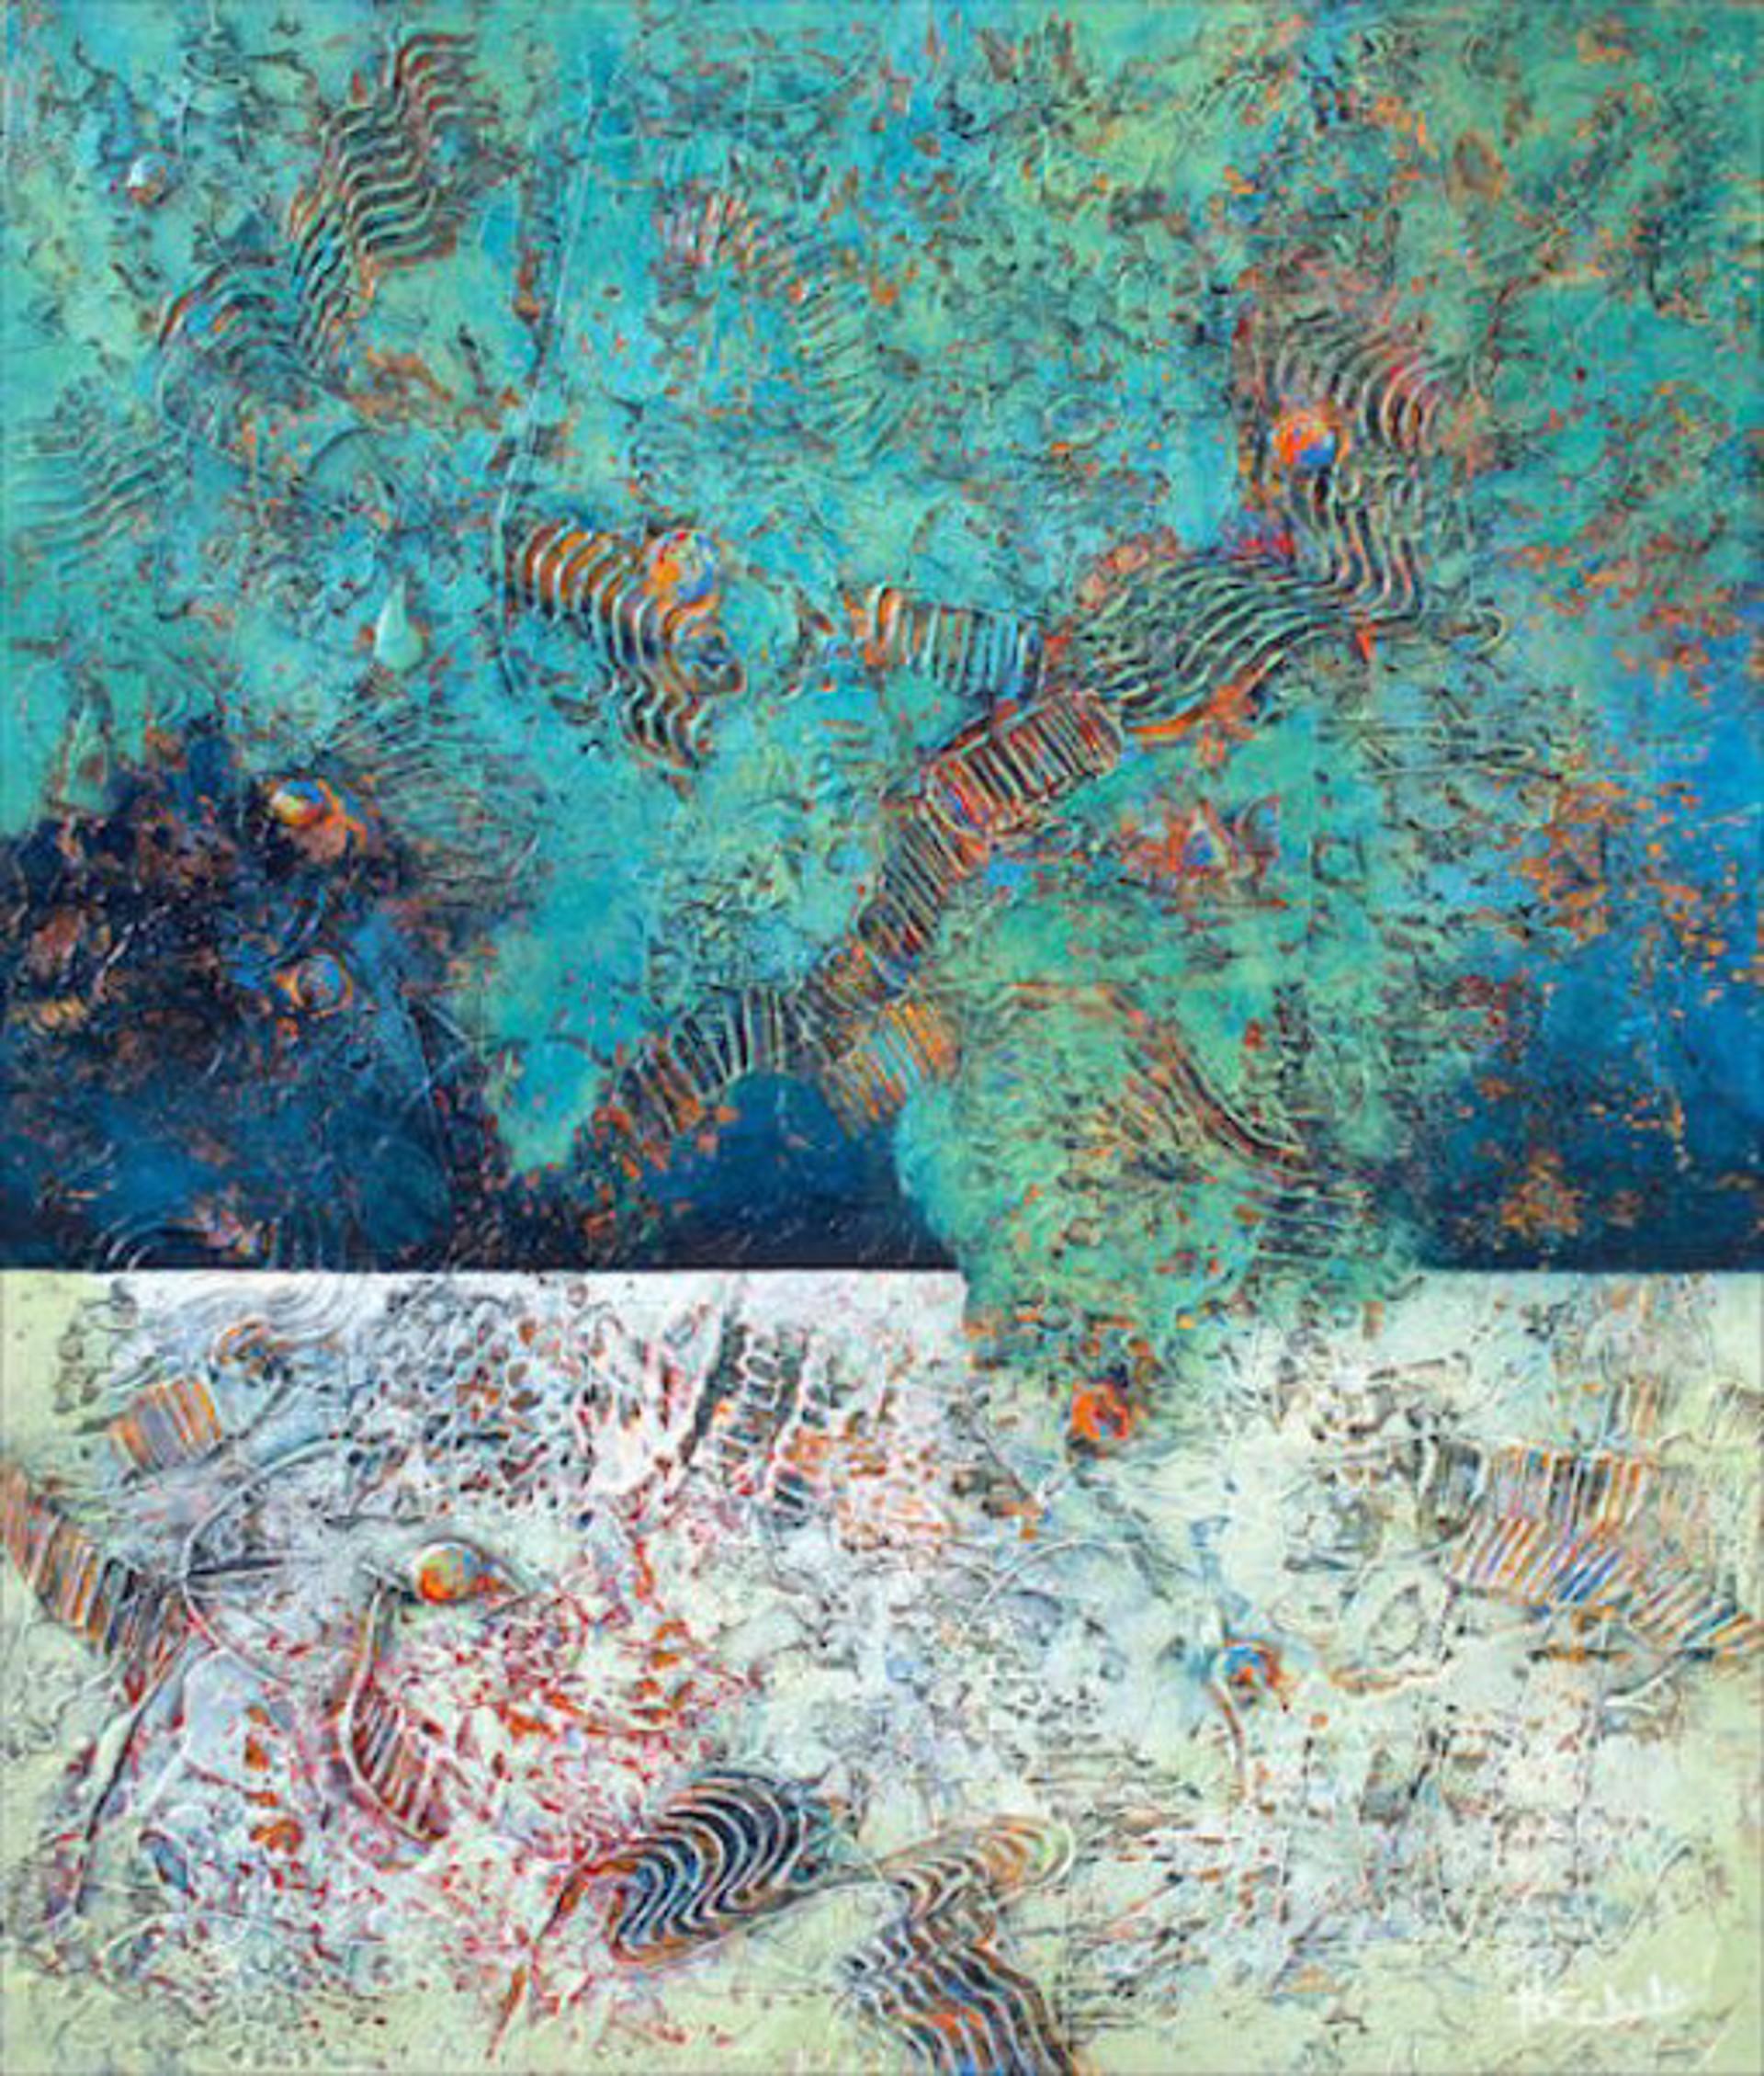 Exploring The Reef by Nancy Eckels